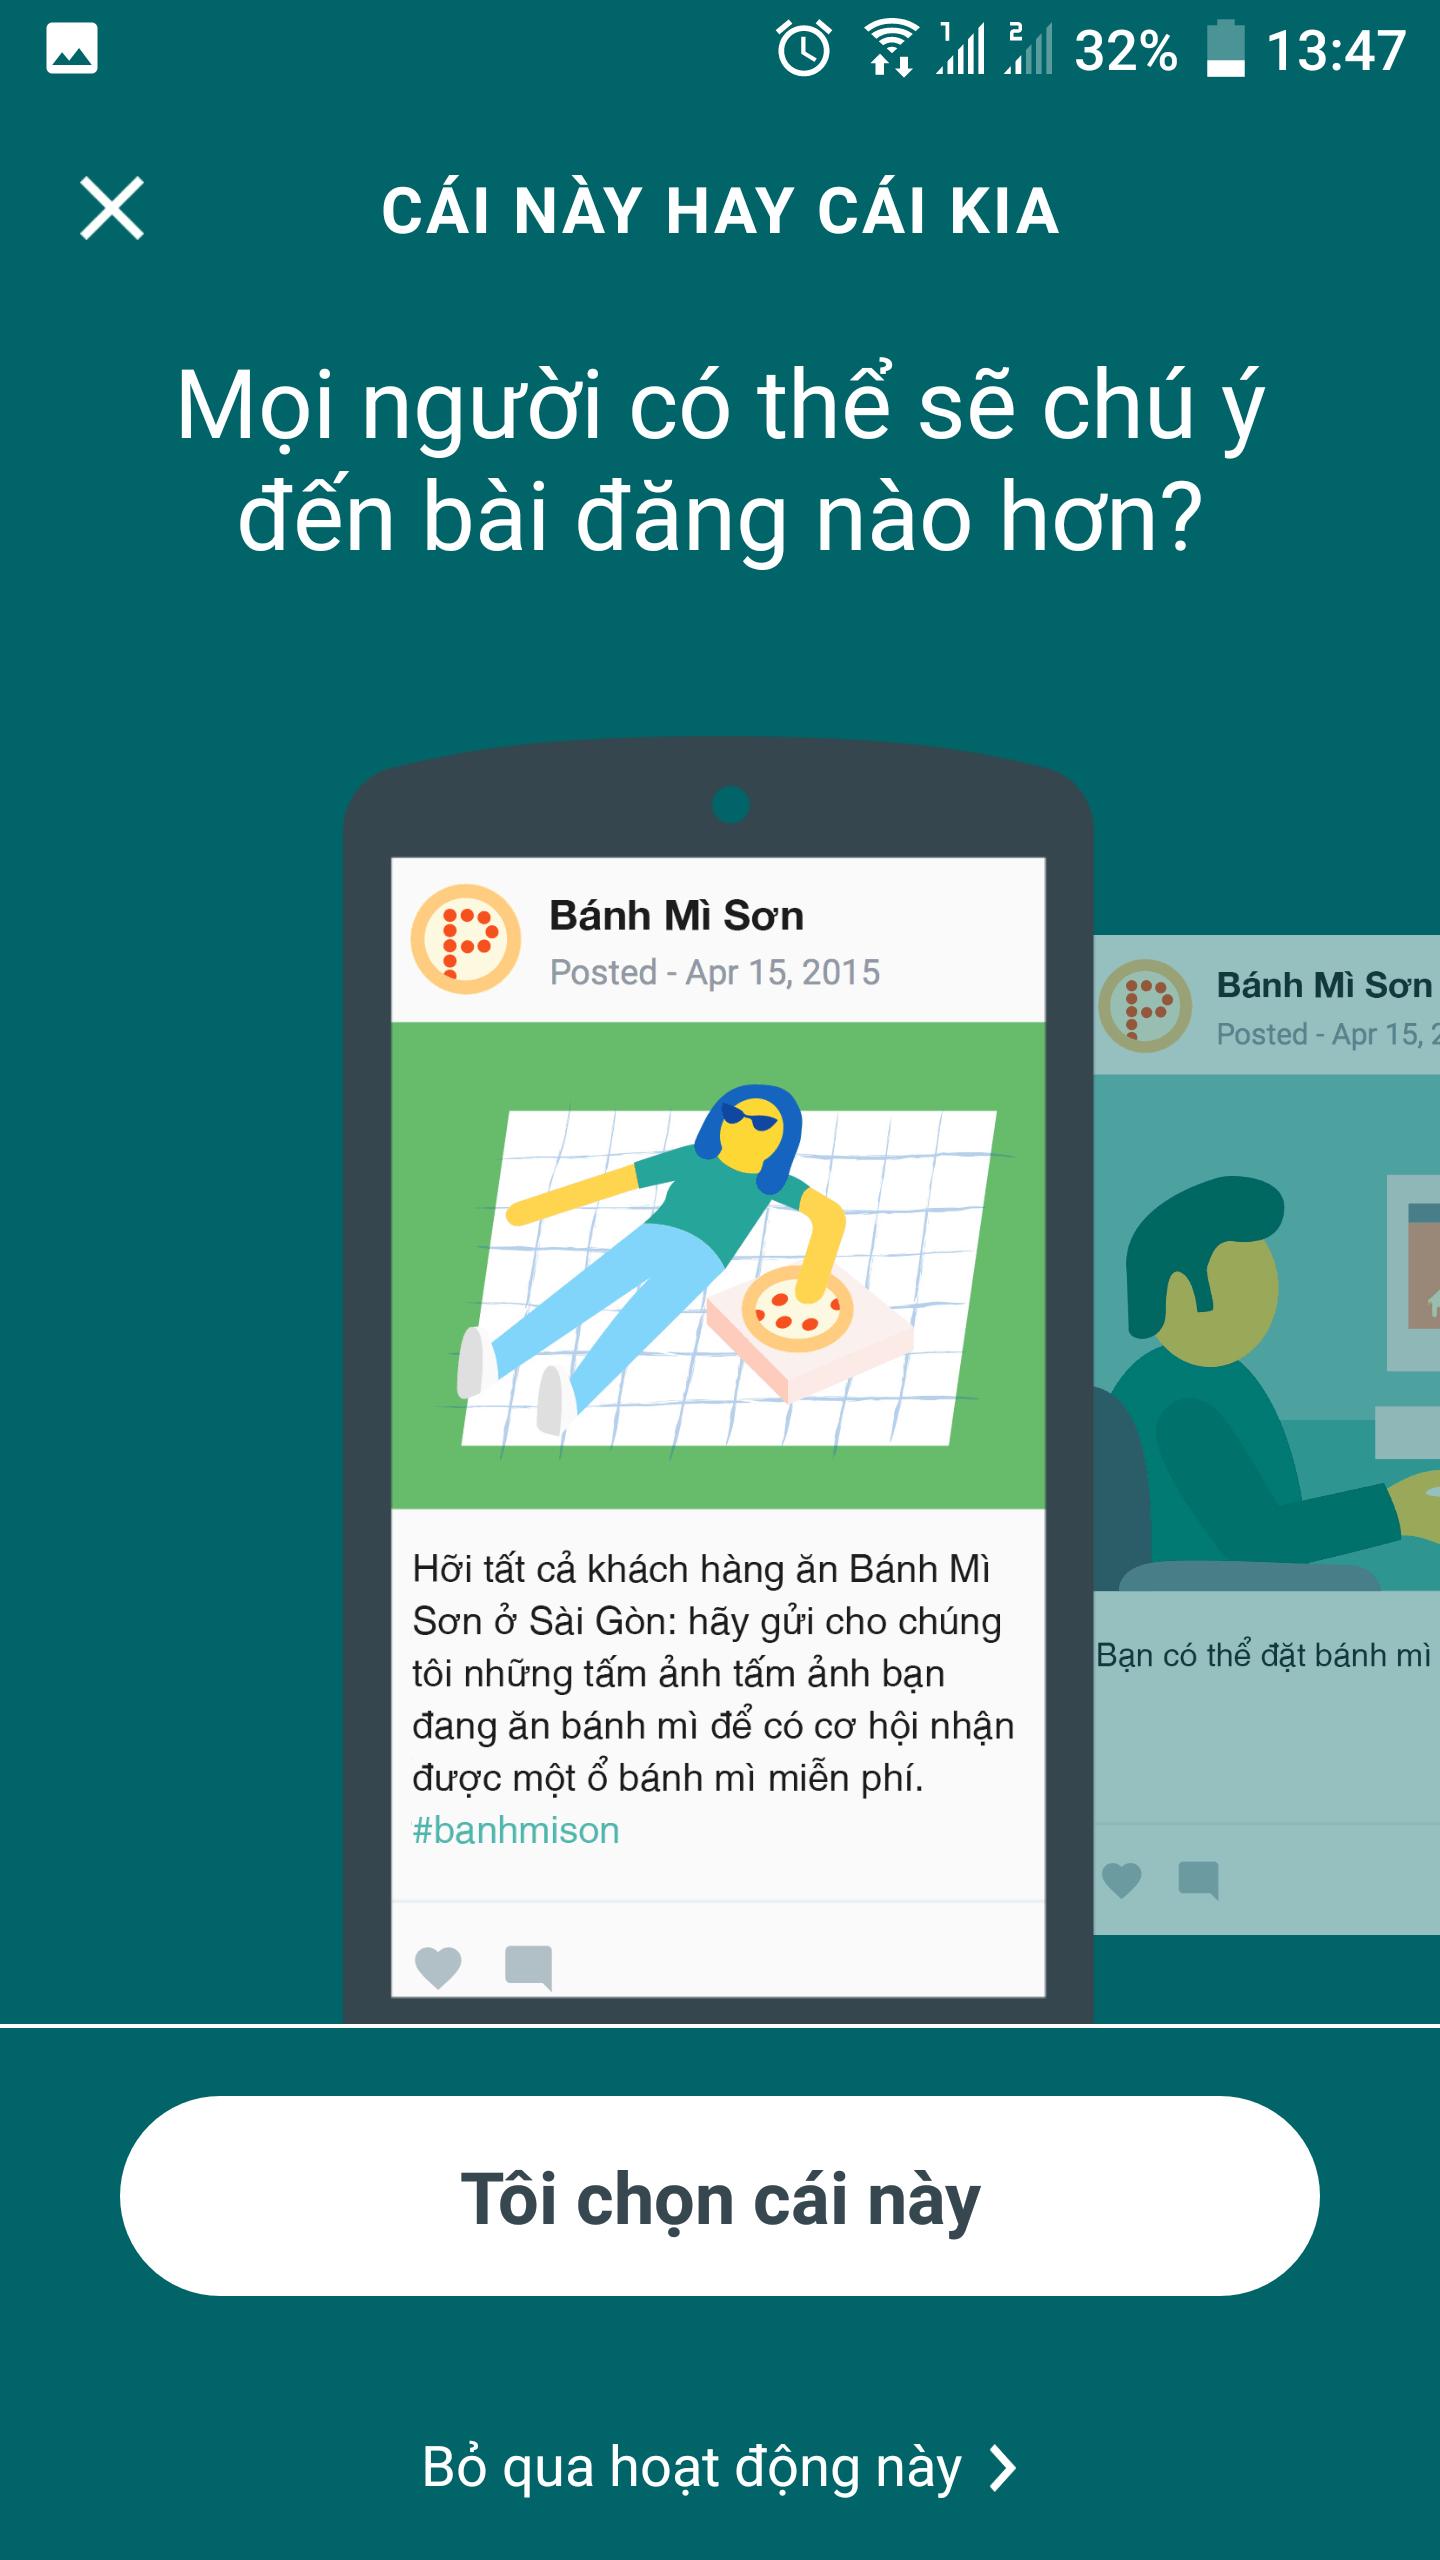 13 - Tìm hiểu Google Primer là gì và dùng để làm gì?